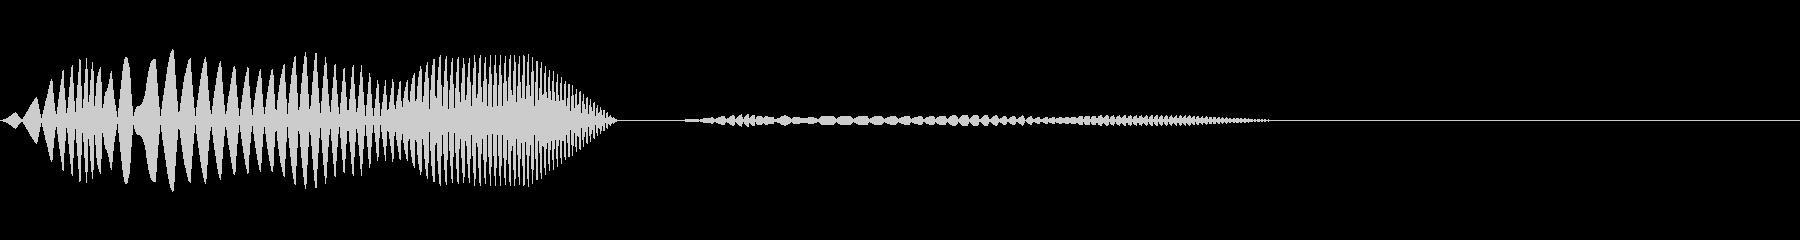 タッチ音などに使えるポワッという水泡の…の未再生の波形